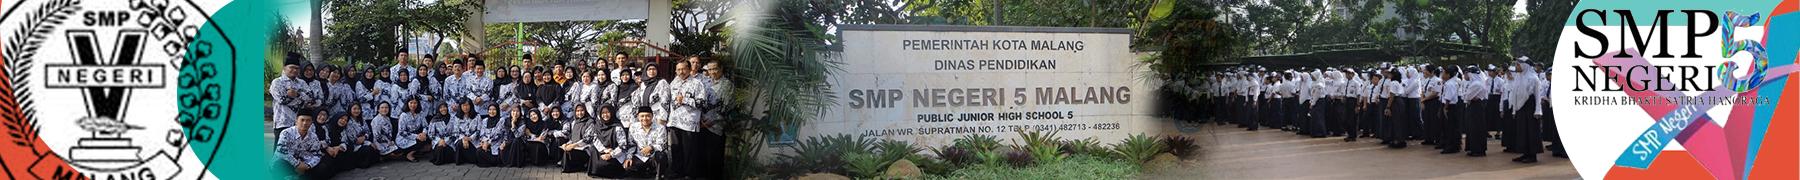 SMP NEGERI 5 MALANG